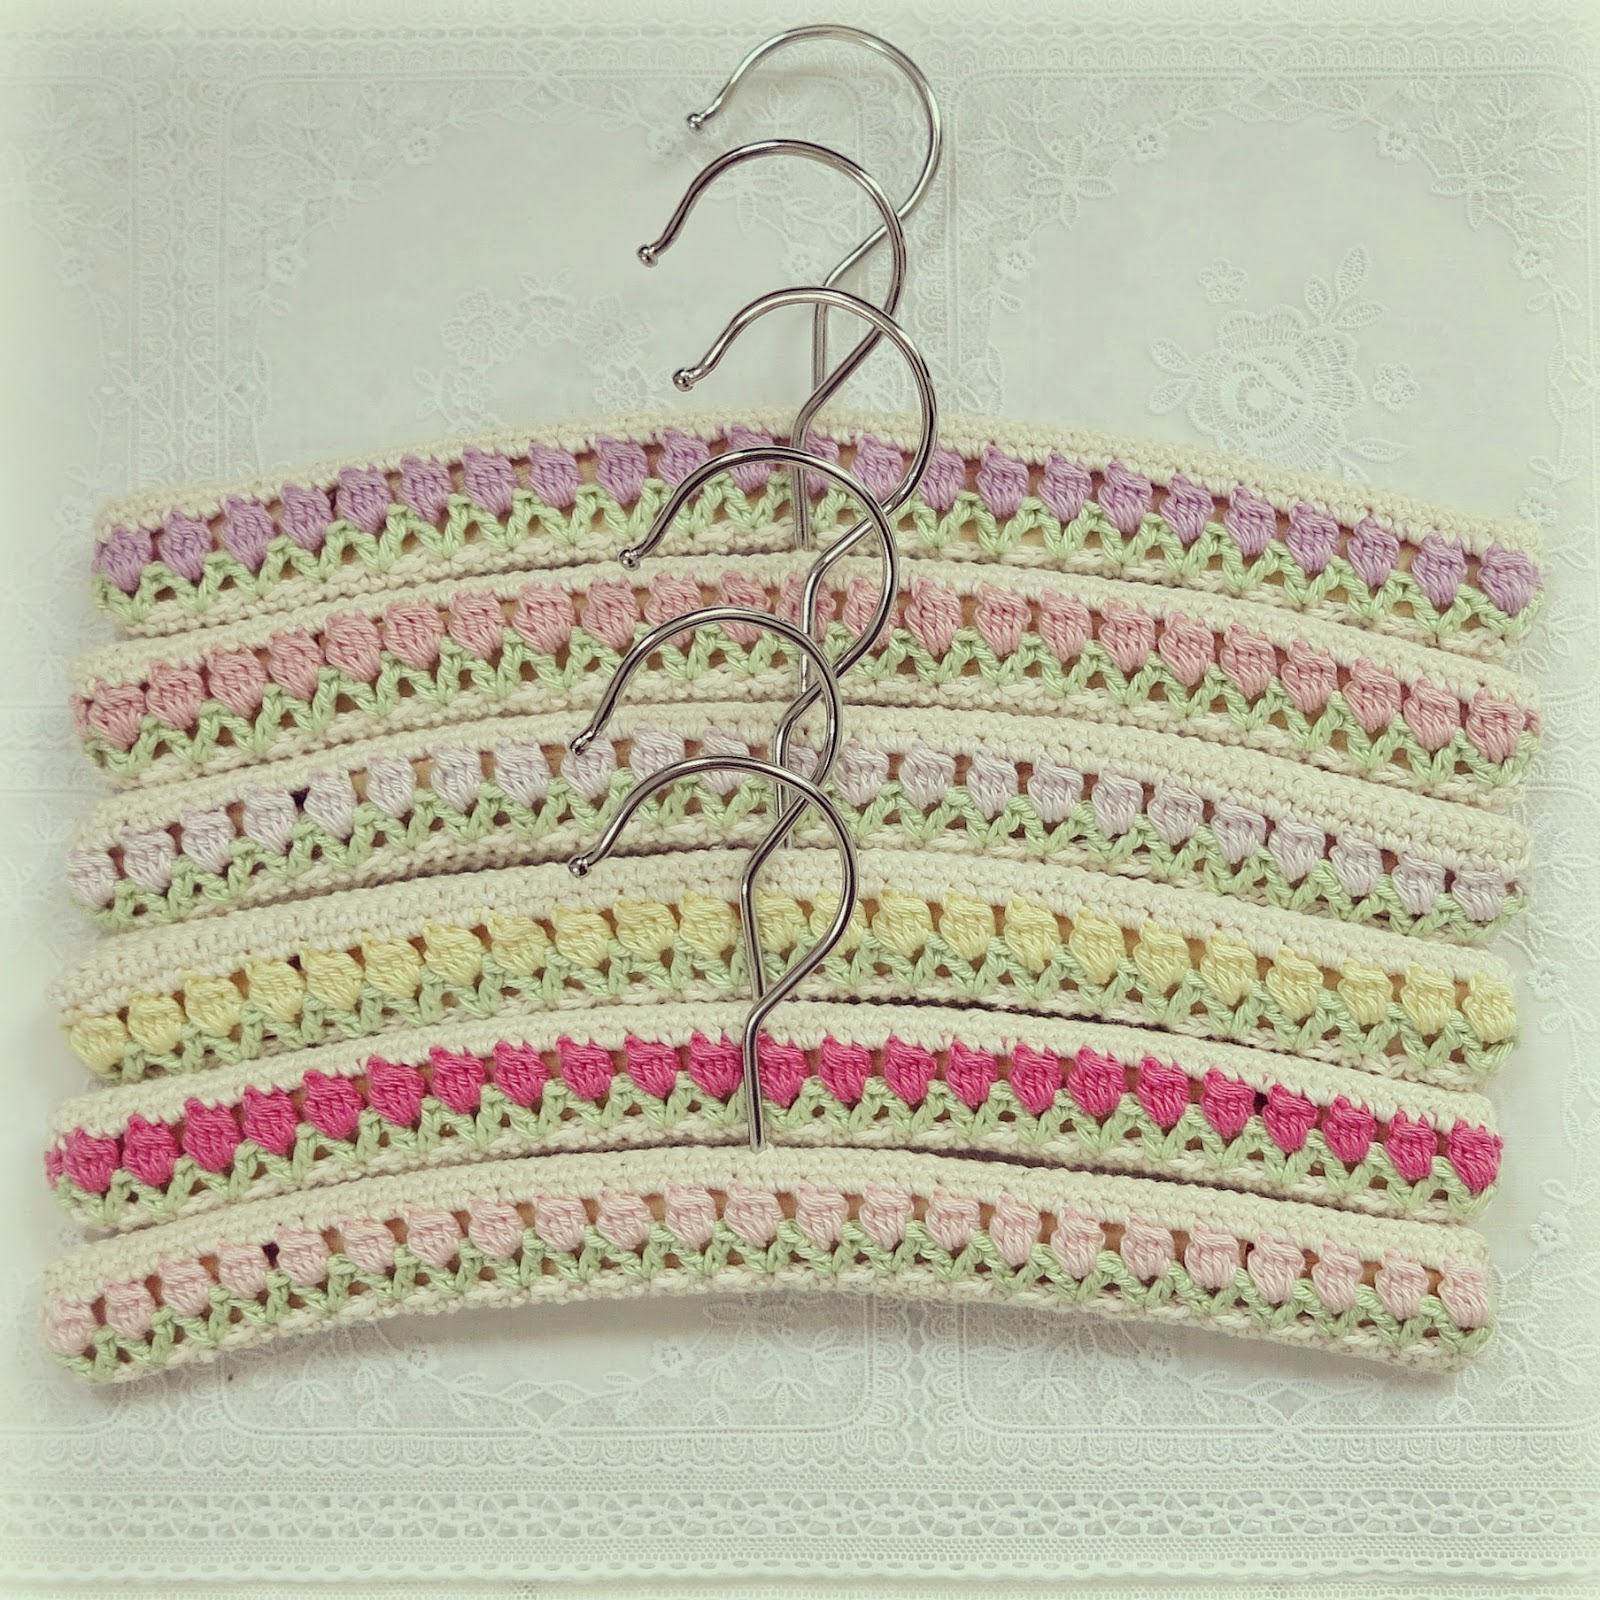 byHaafner, crochet, tulips, hangers, pastel